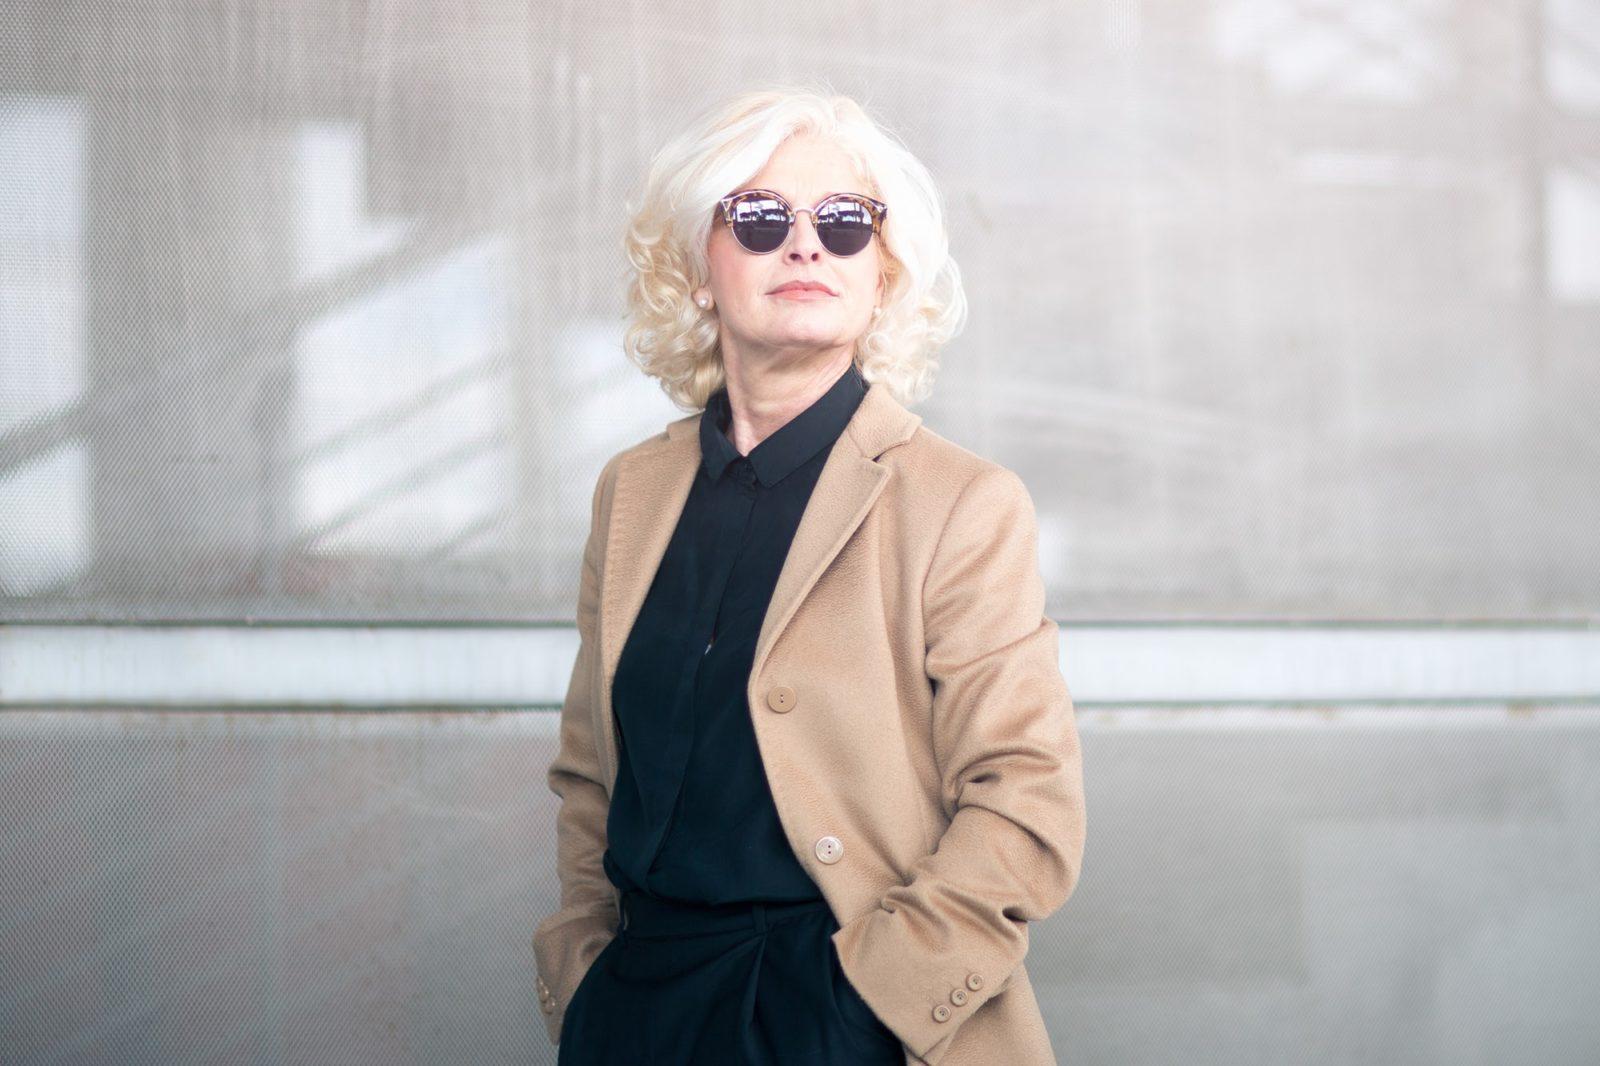 Одежда для женщин после 50: самые частые ошибки при формировании гардероба